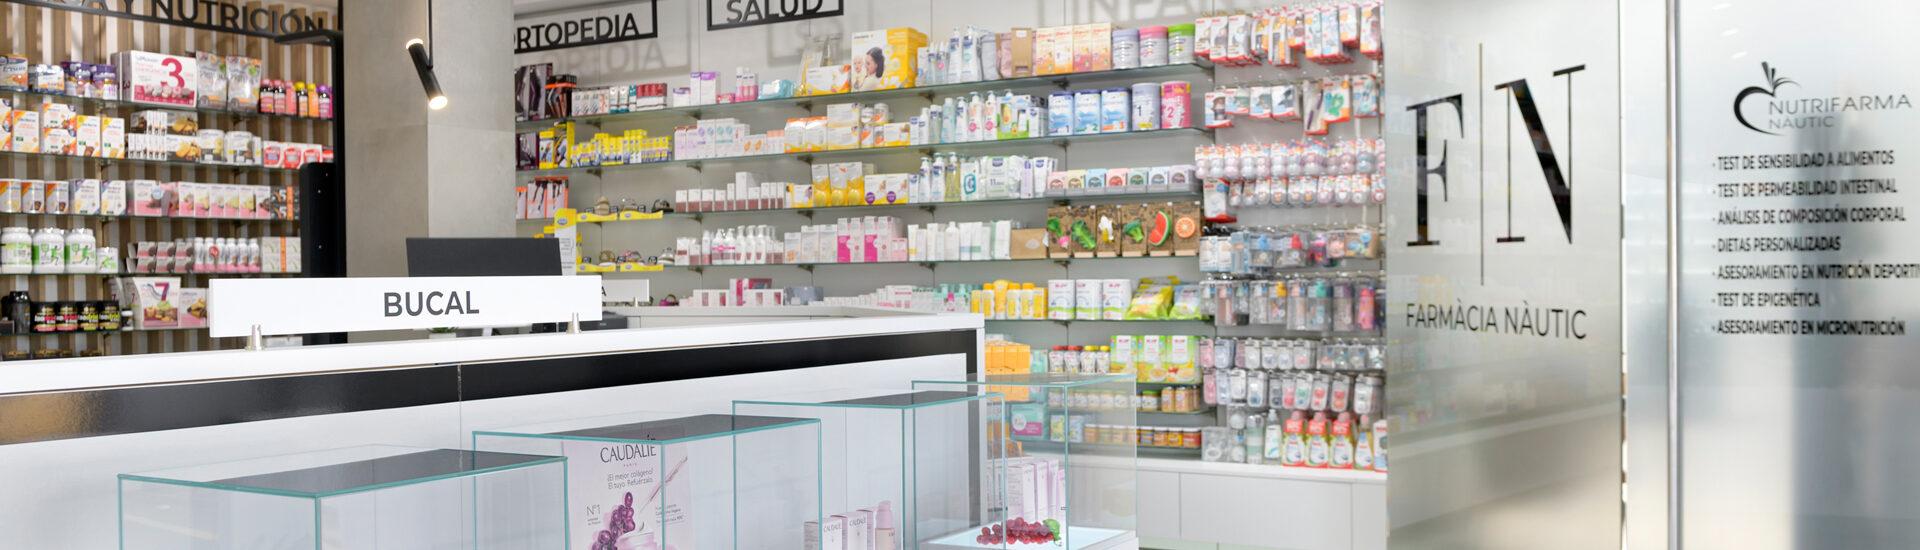 Interior de la Farmacia Nautic